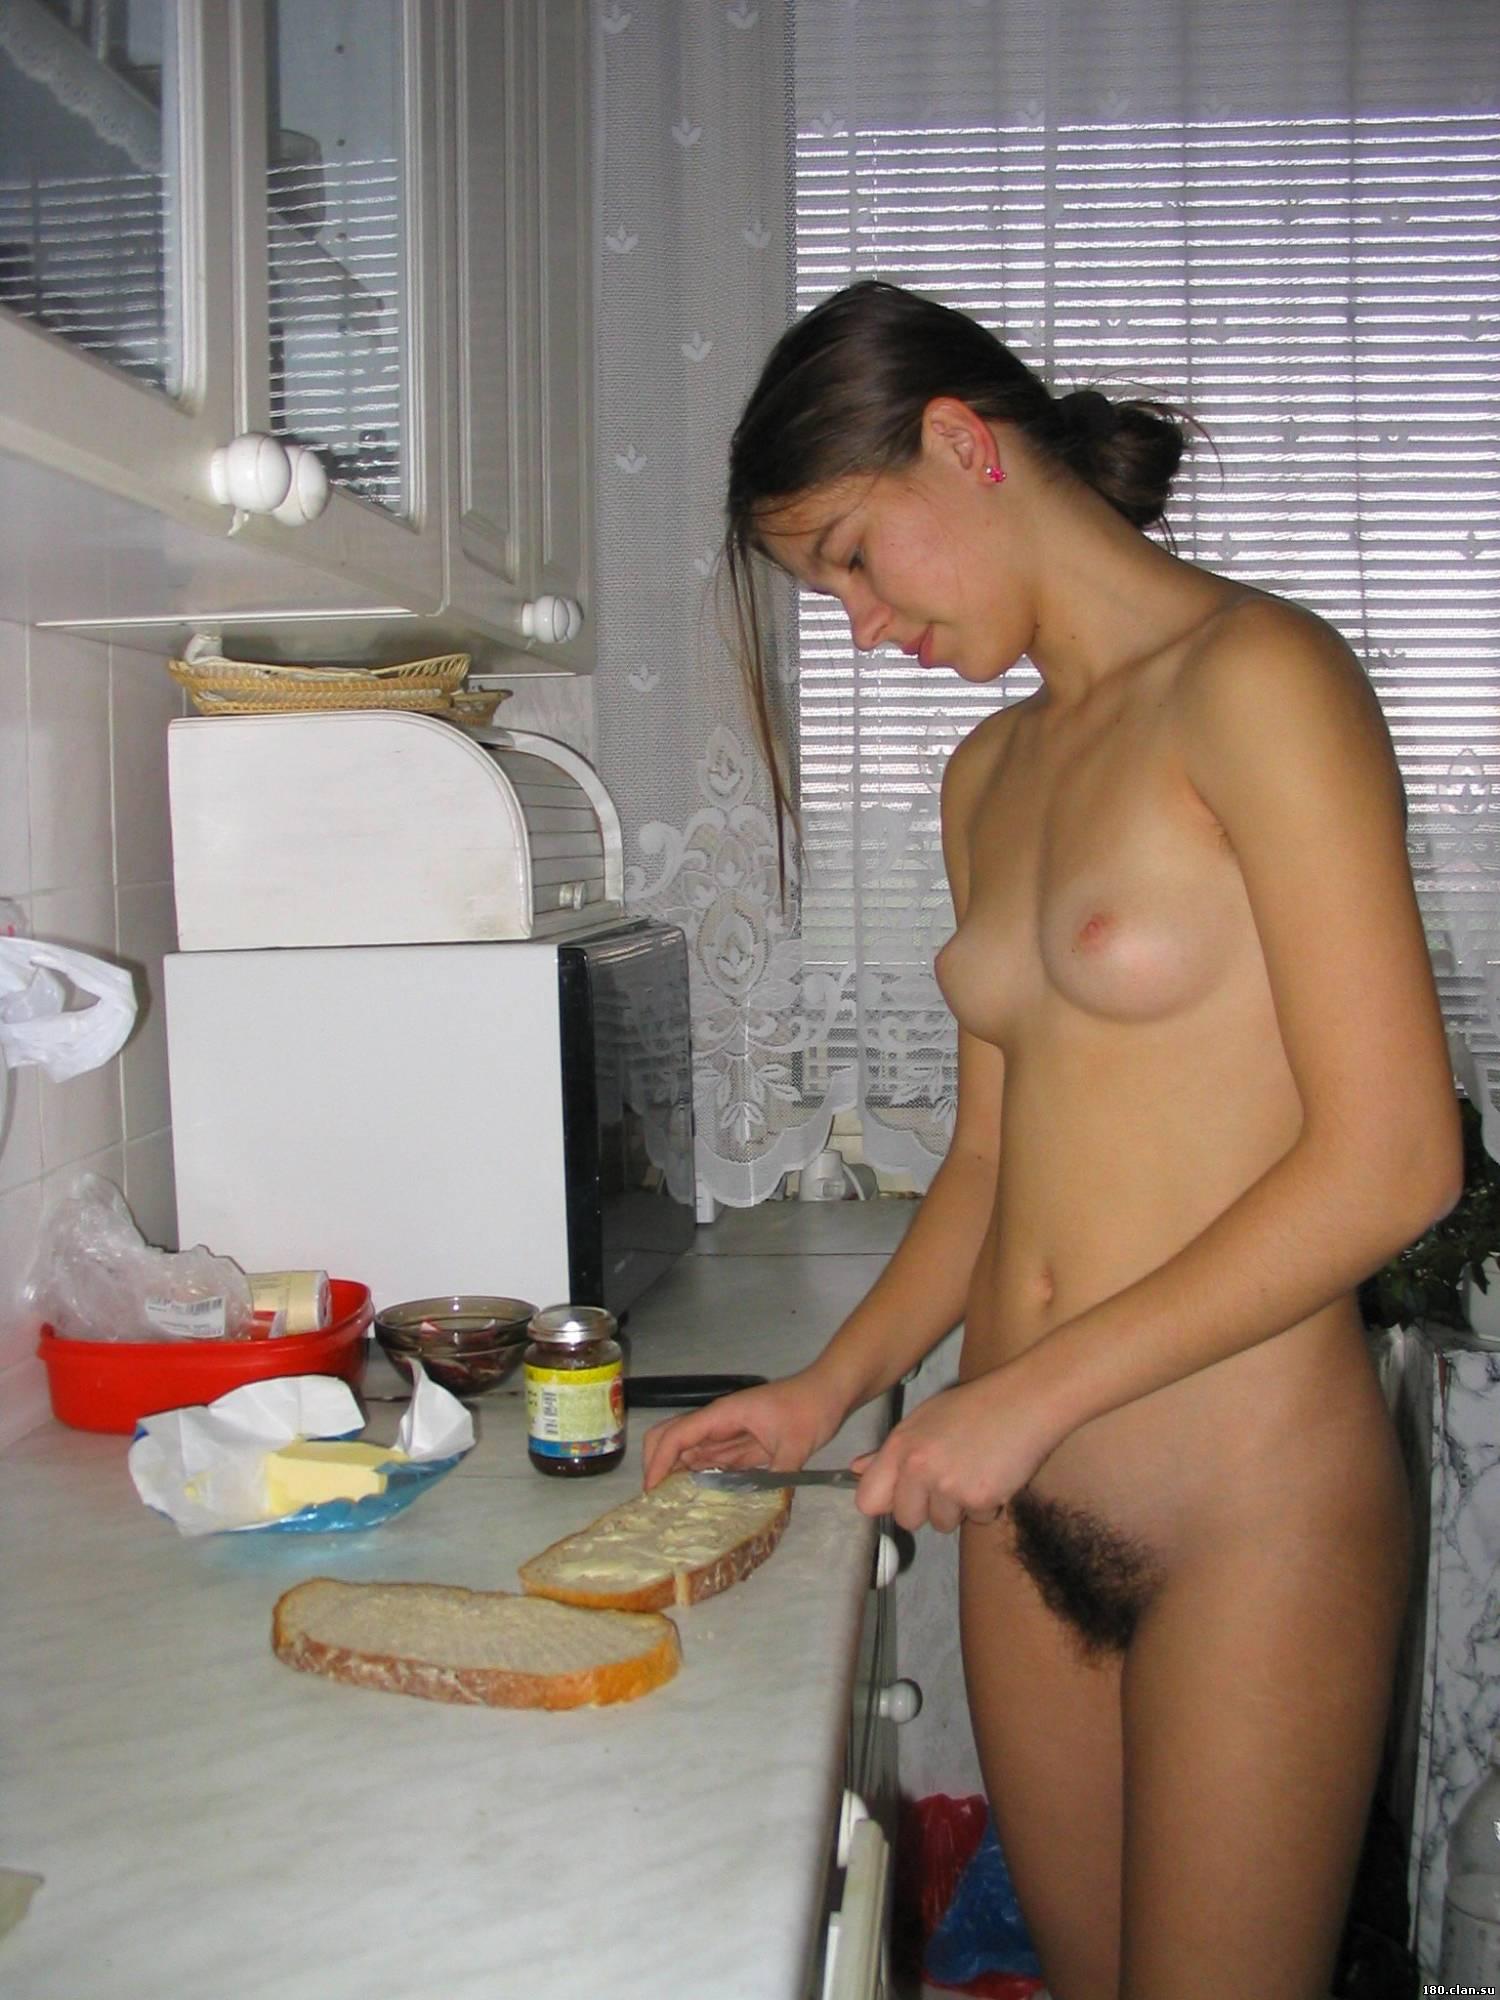 Смотреть онлайн небритые девушки порно 16 фотография